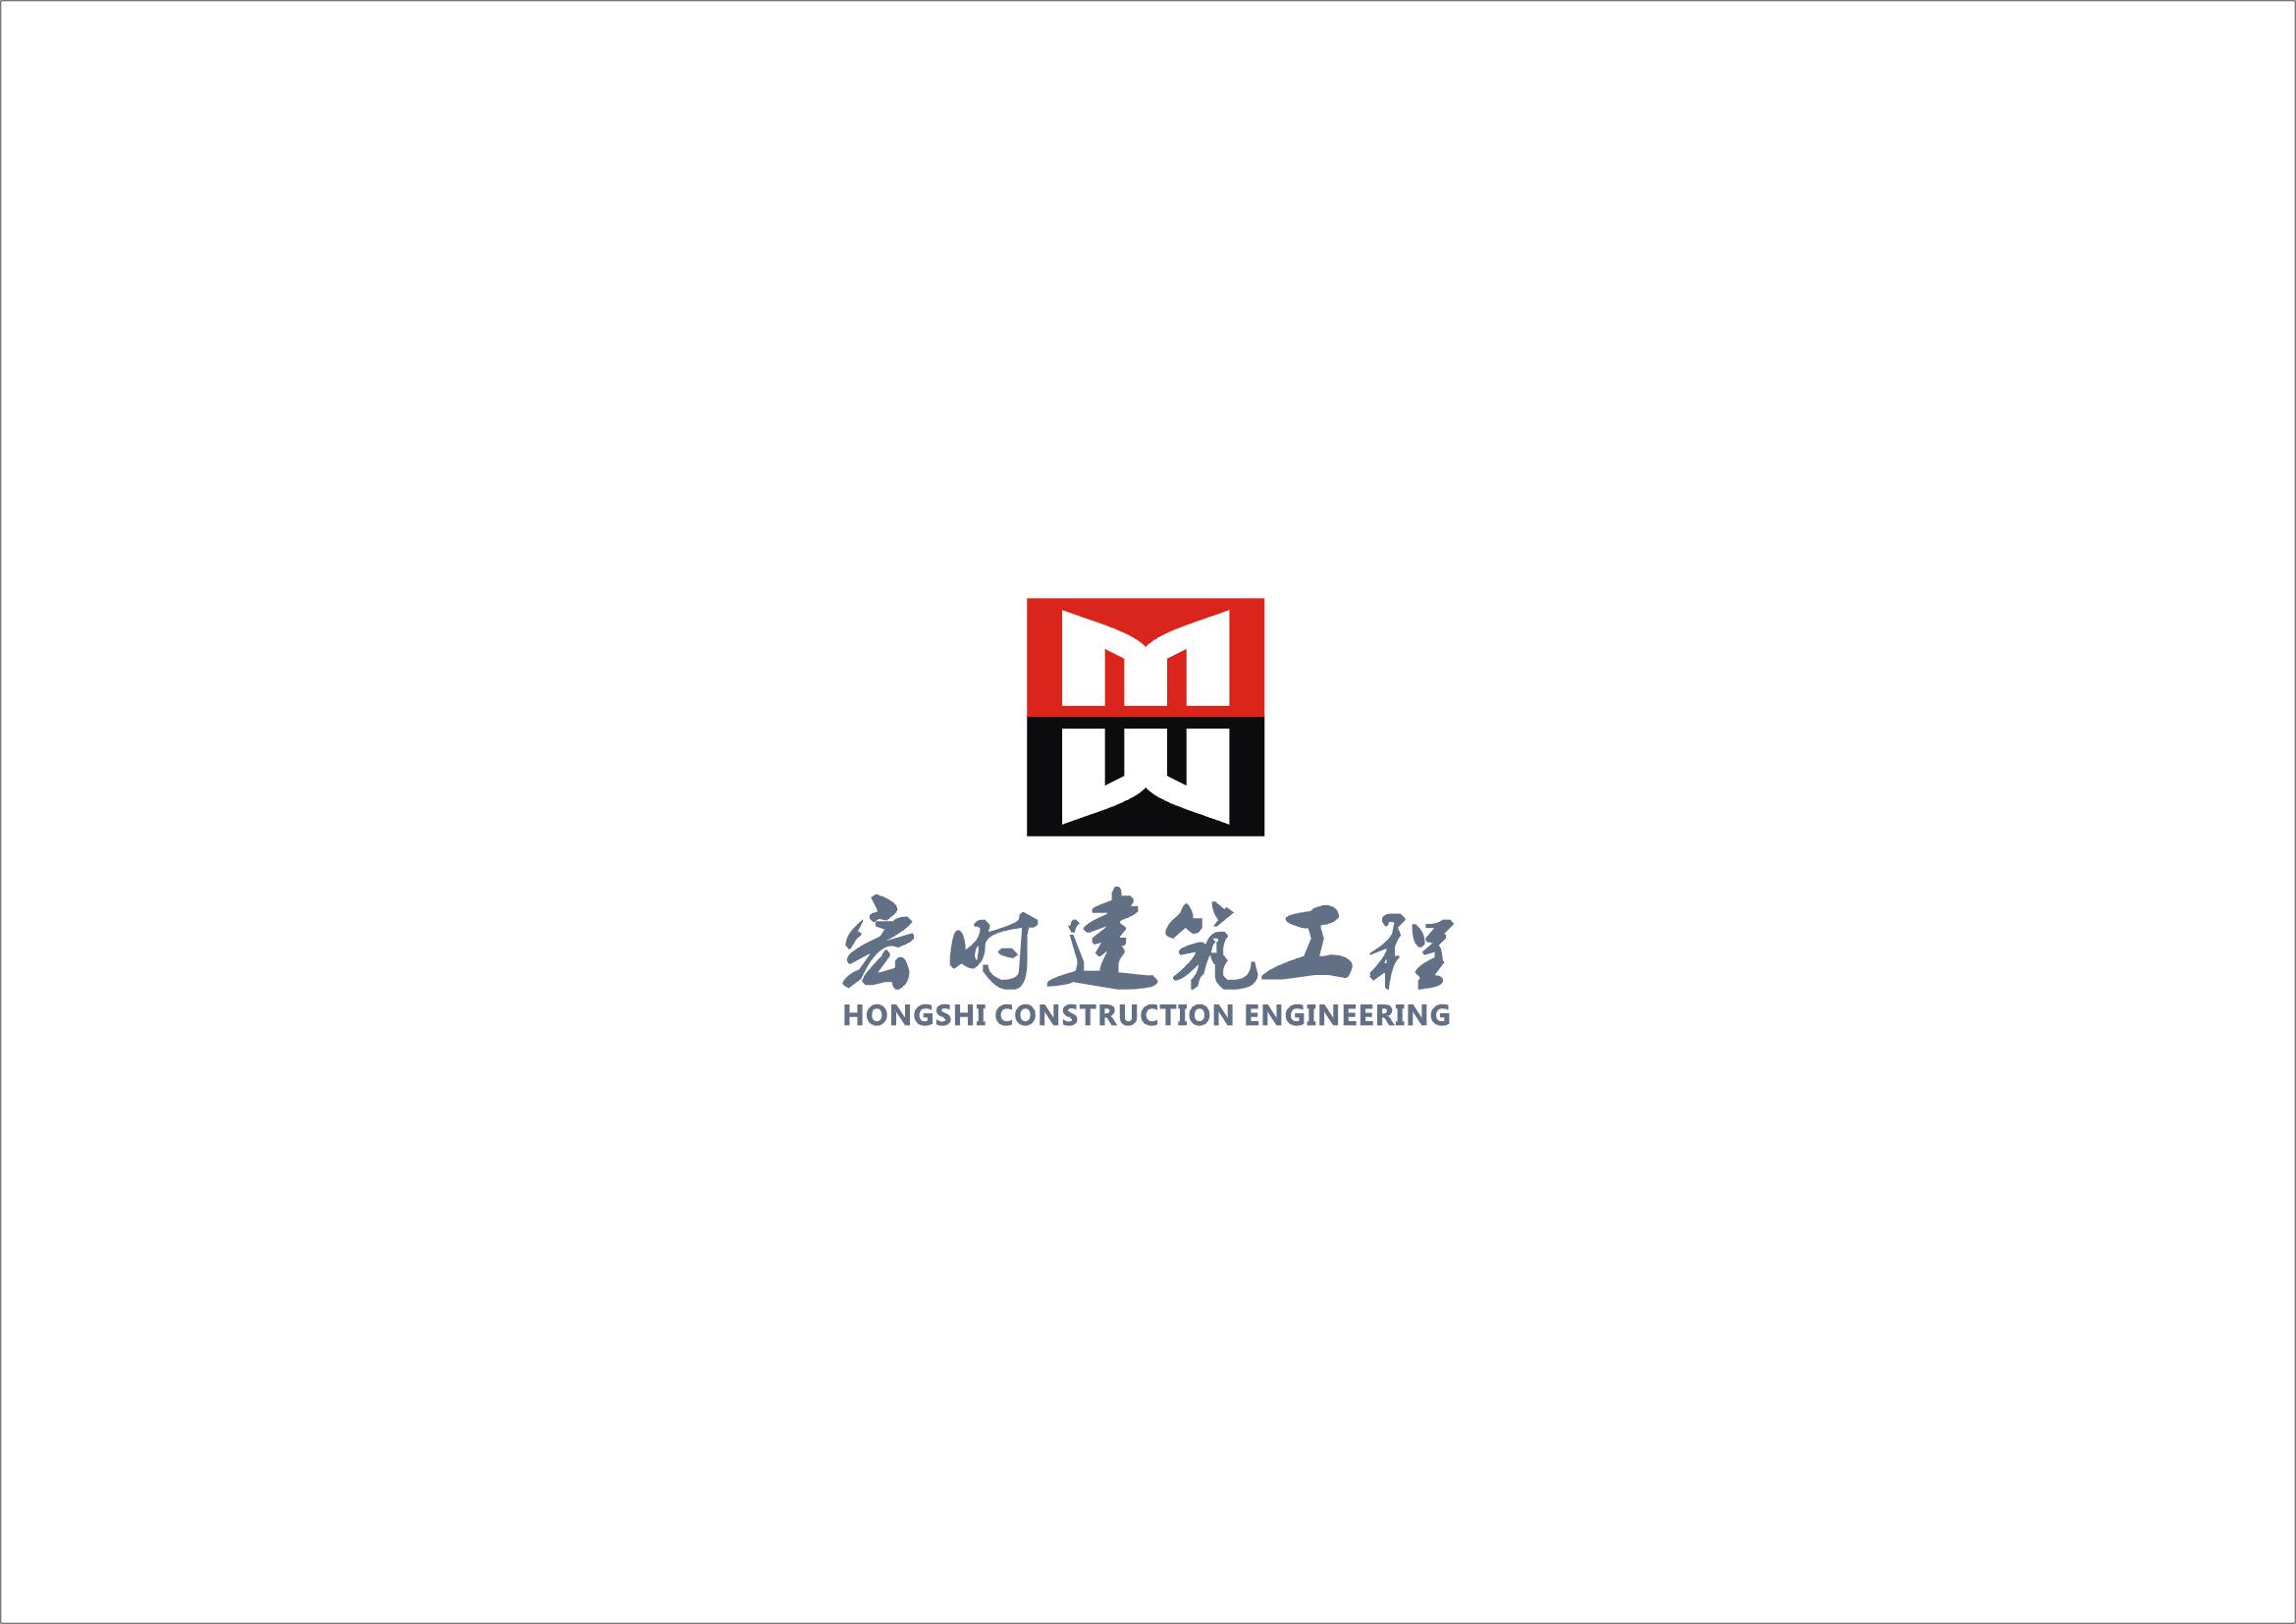 上海宏时建筑工程有限公司